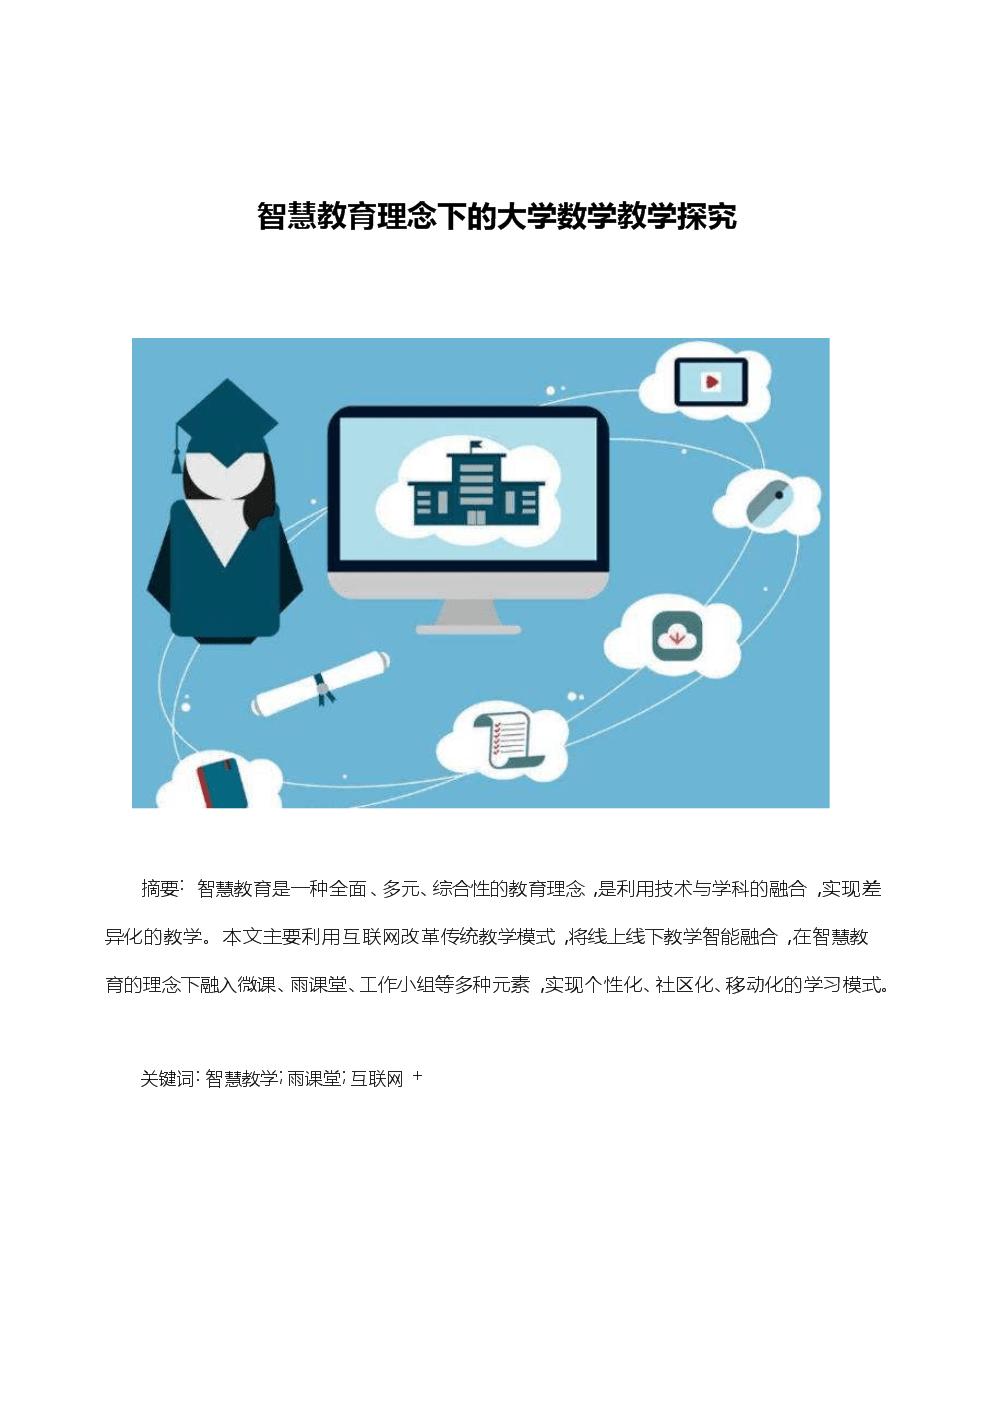 智慧教育理念下的大学数学教学探究.docx